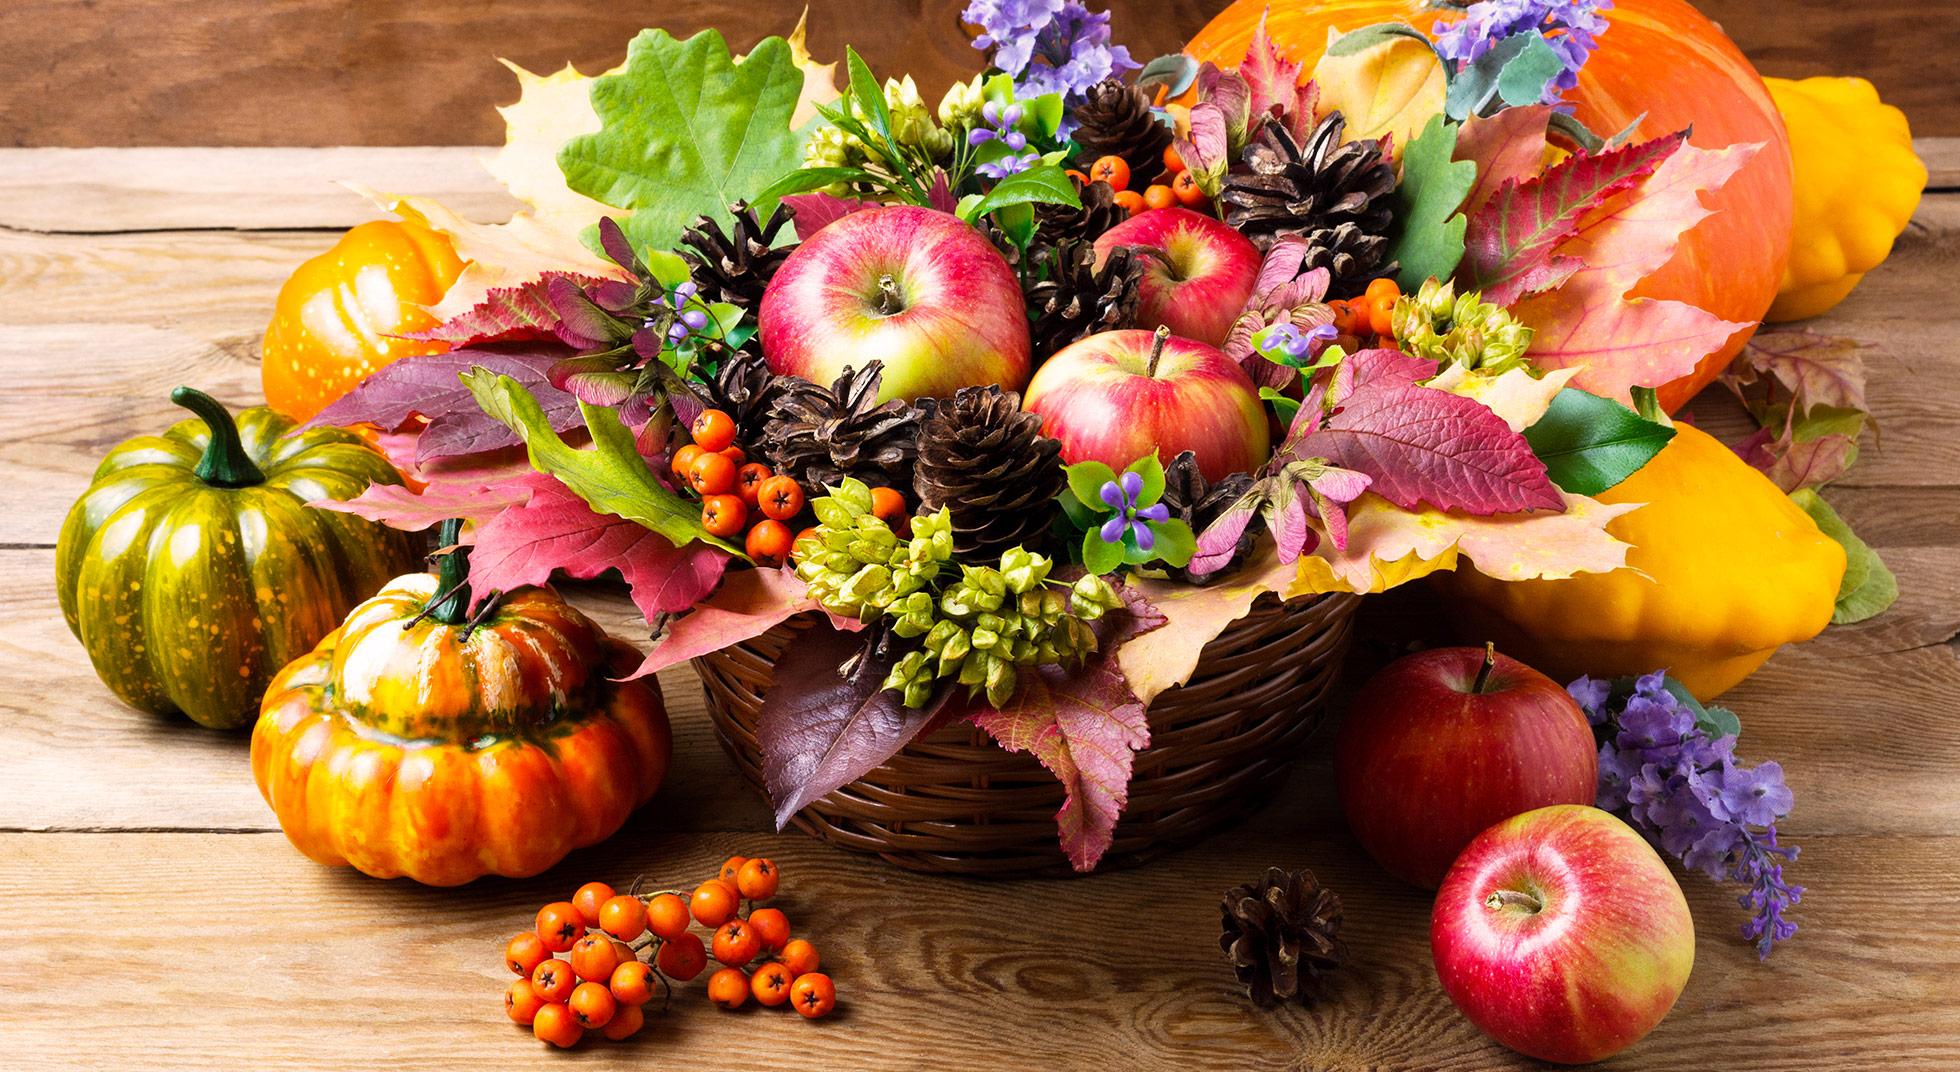 Decorazioni Natalizie Con Frutta Secca.Centrotavola Di Natale Con La Frutta Le Idee Aia Food